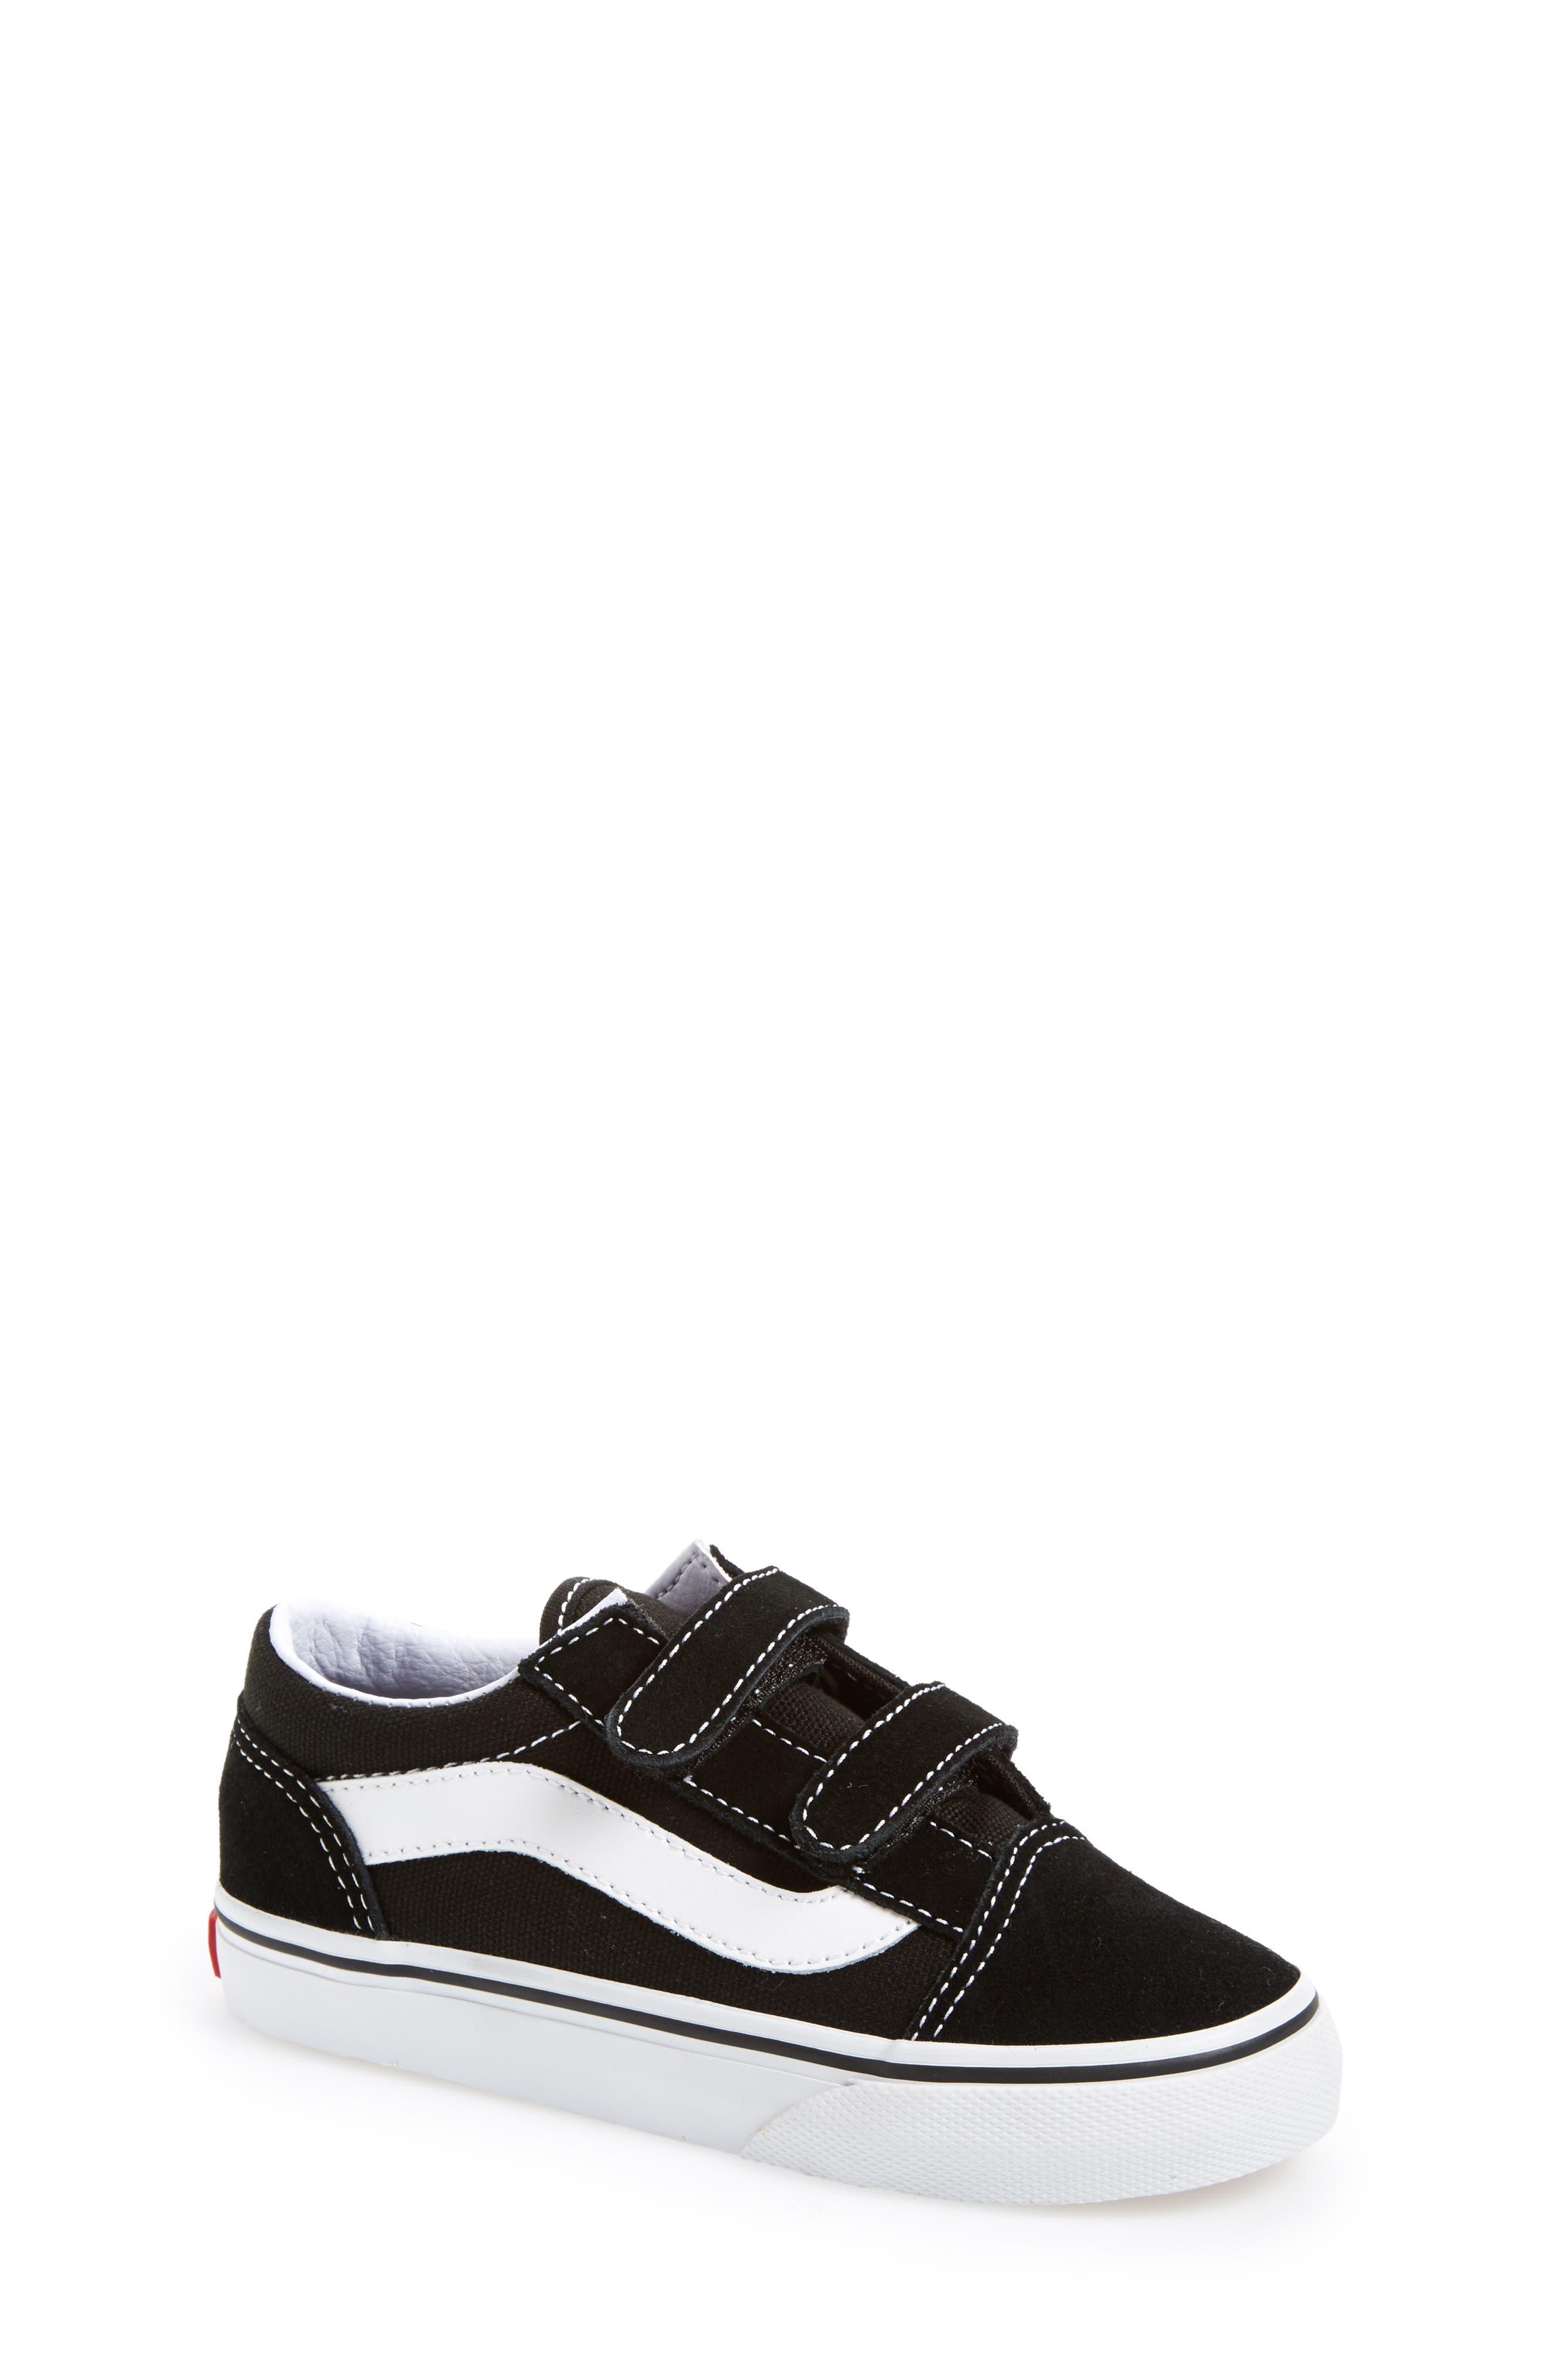 'Old Skool V' Sneaker,                             Main thumbnail 1, color,                             Black/ True White